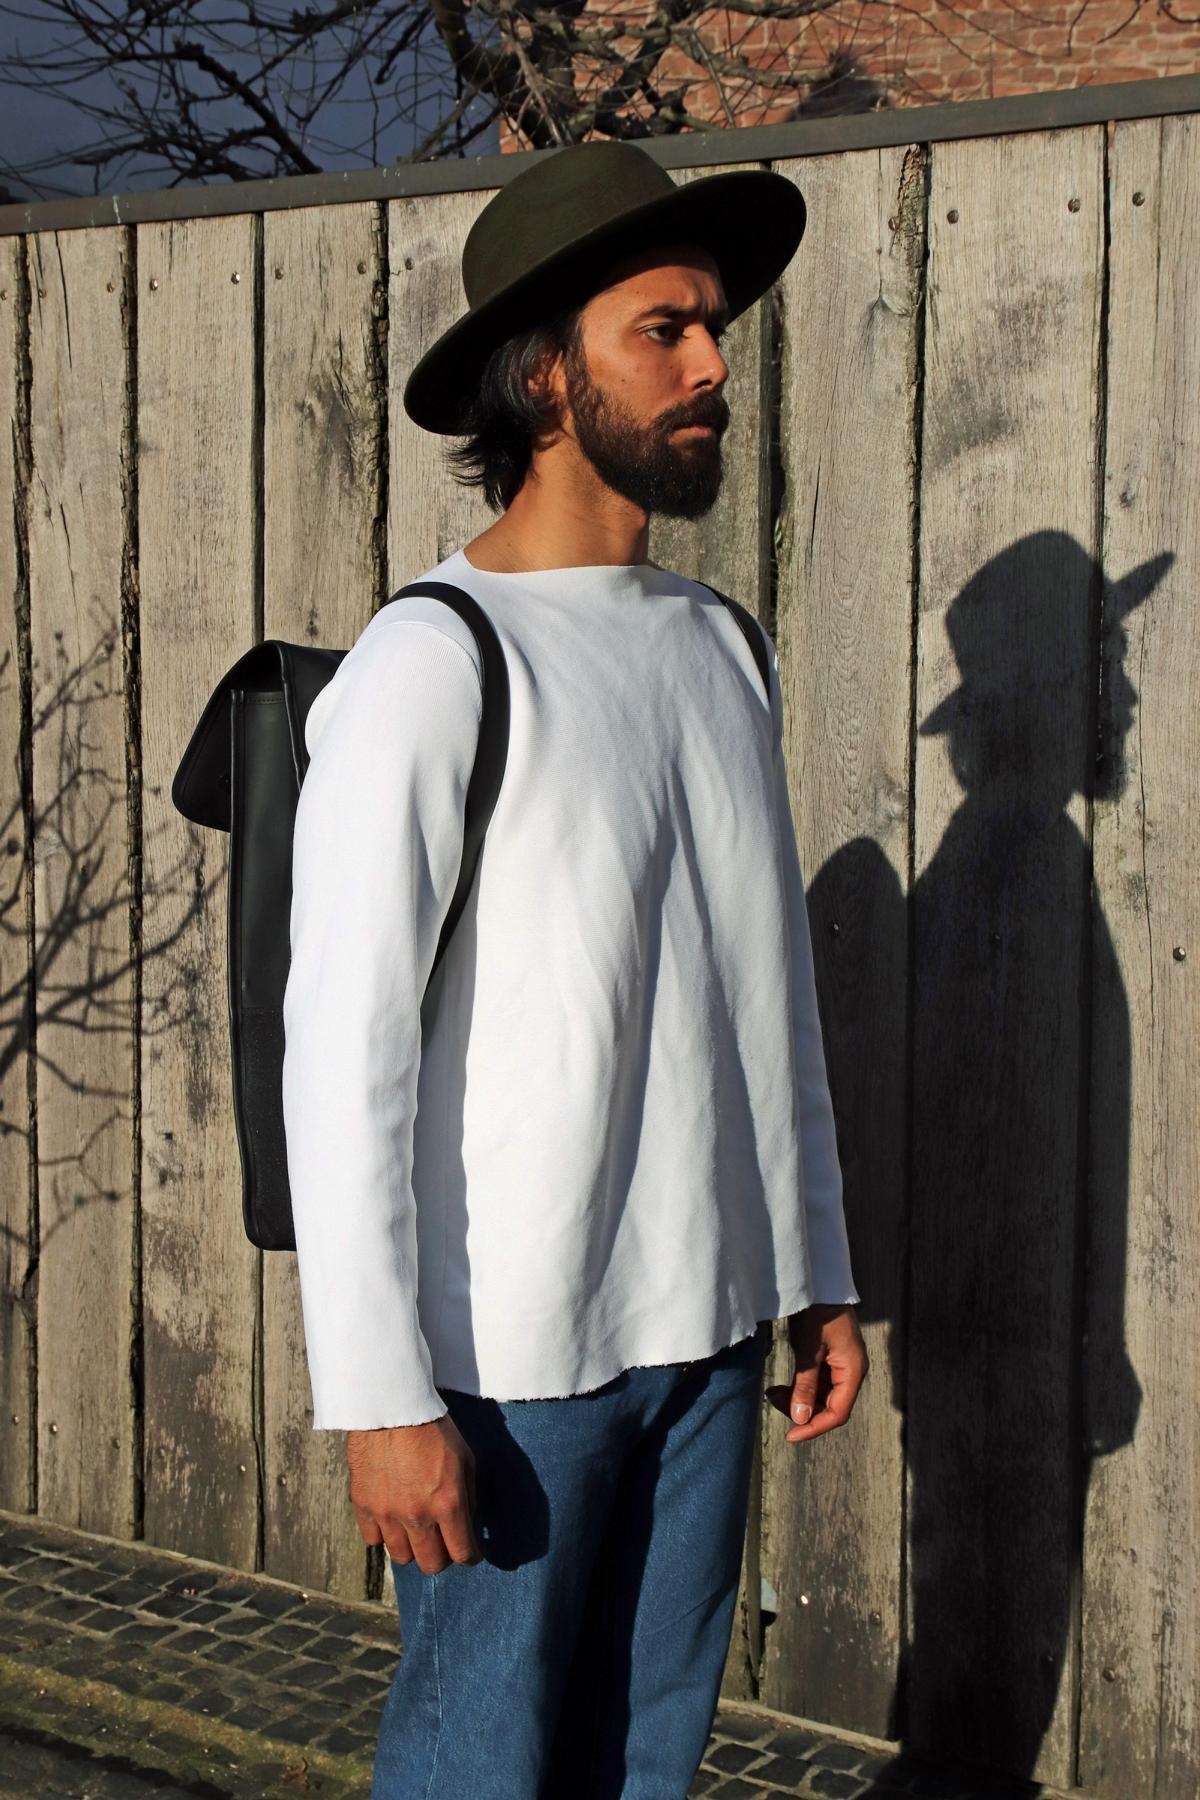 Minimalismus mit Hut spricht für sich selbst